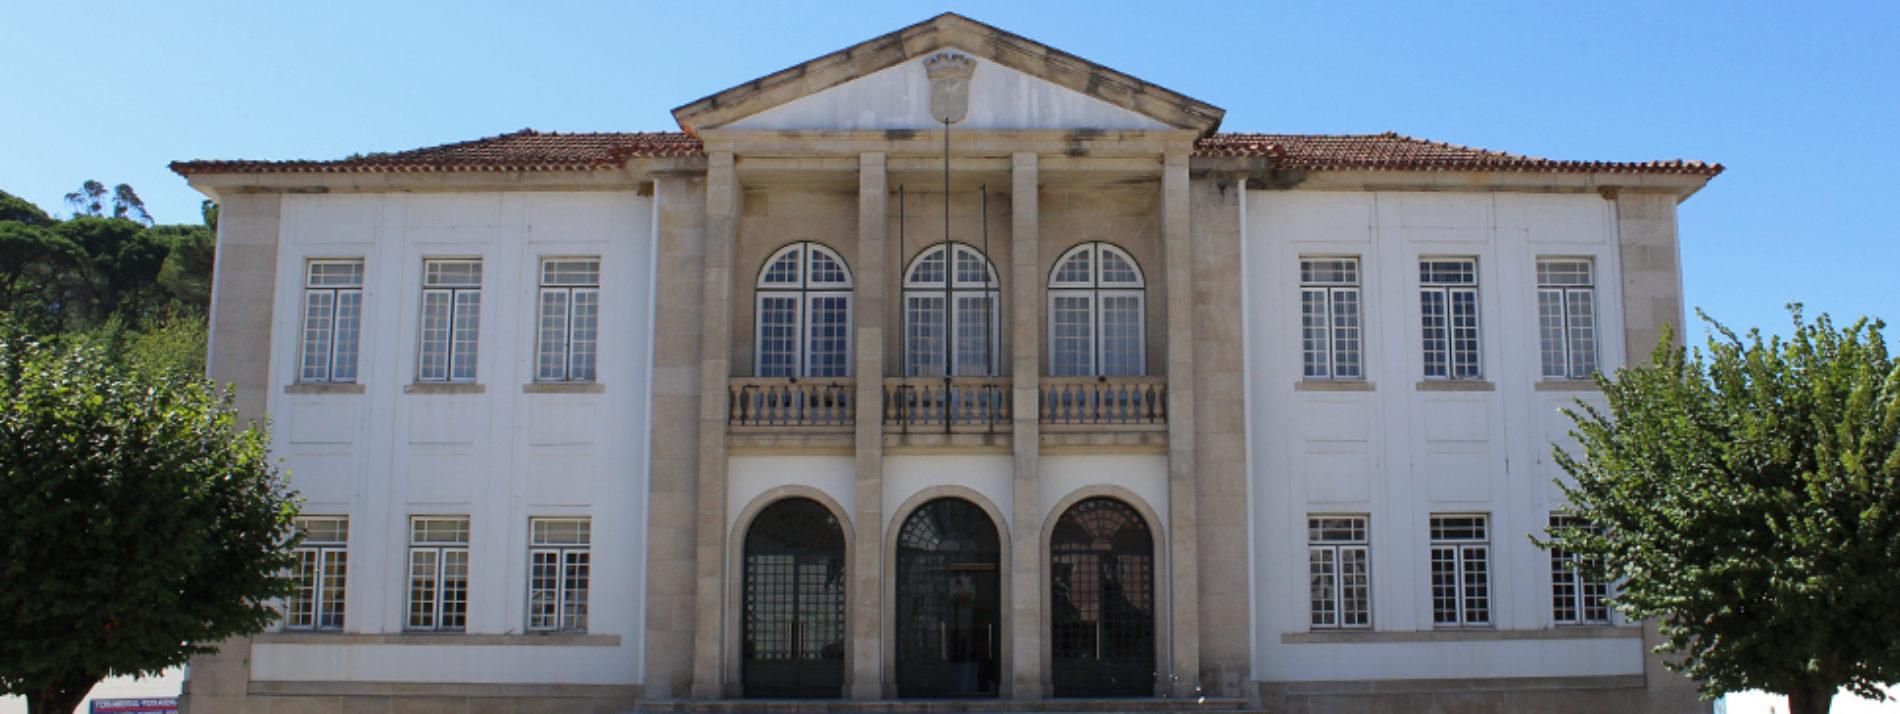 Arganil é a única autarquia do distrito de Coimbra a devolver totalidade do IRS aos munícipes